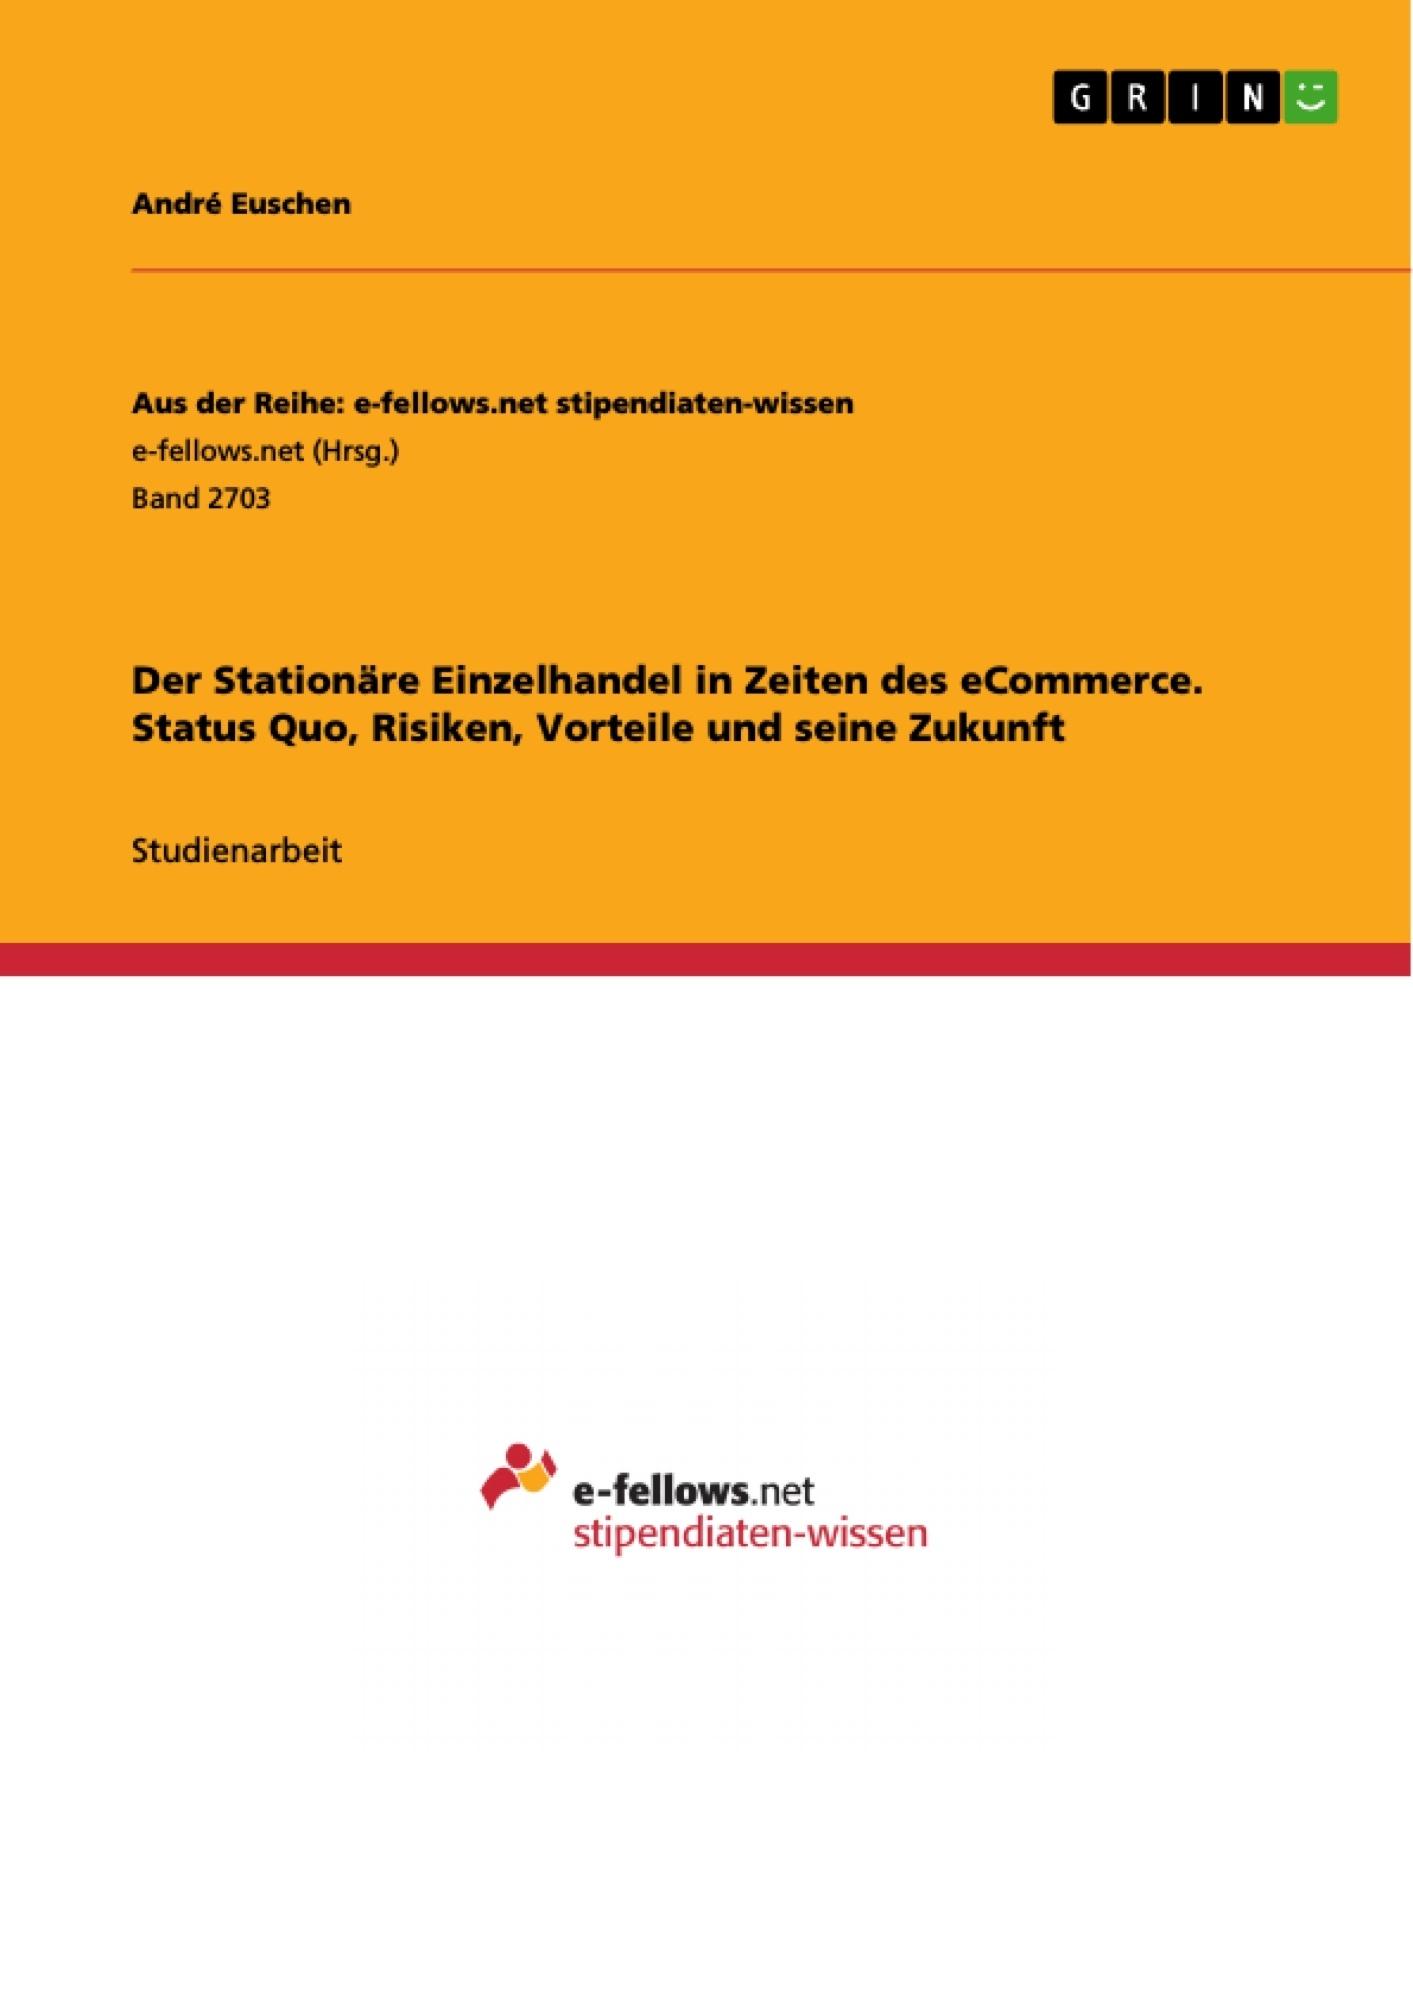 Titel: Der Stationäre Einzelhandel in Zeiten des eCommerce. Status Quo, Risiken, Vorteile und seine Zukunft